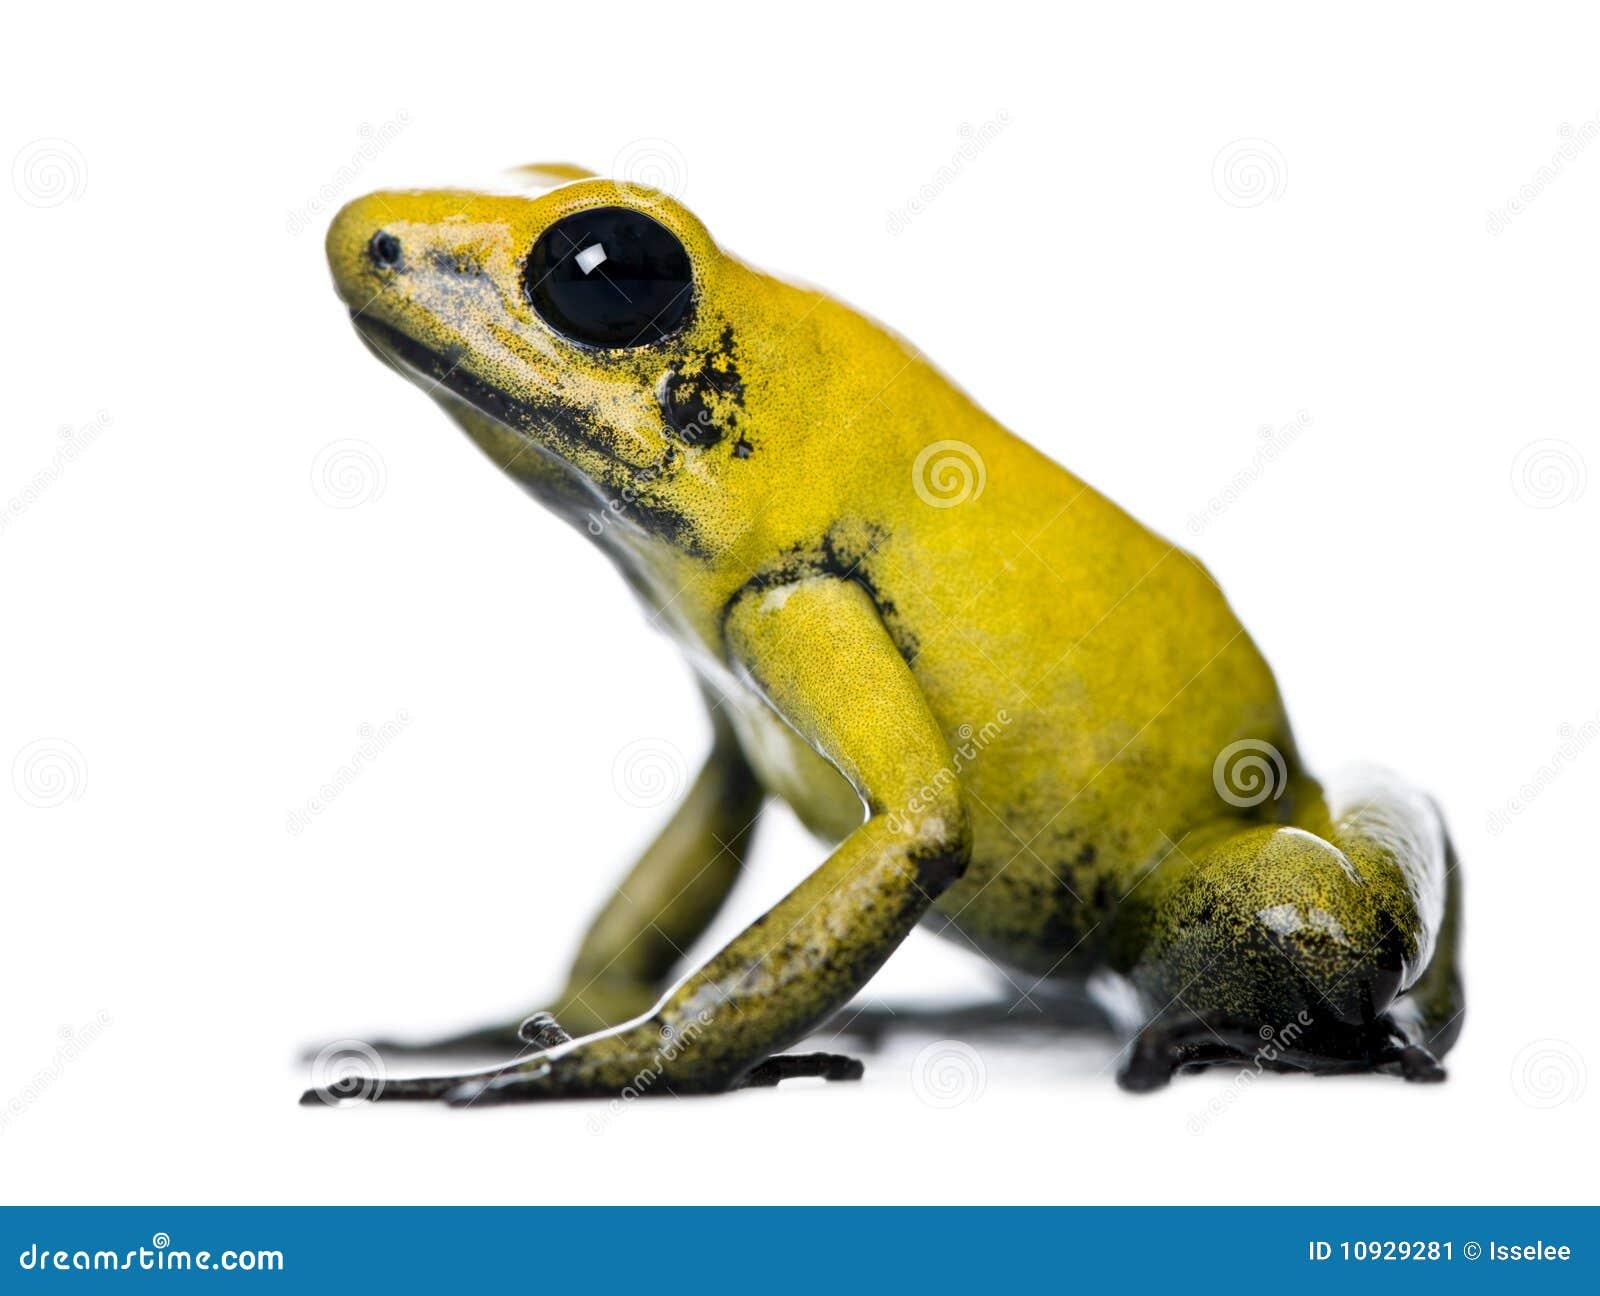 Golden Poison Frog against white background